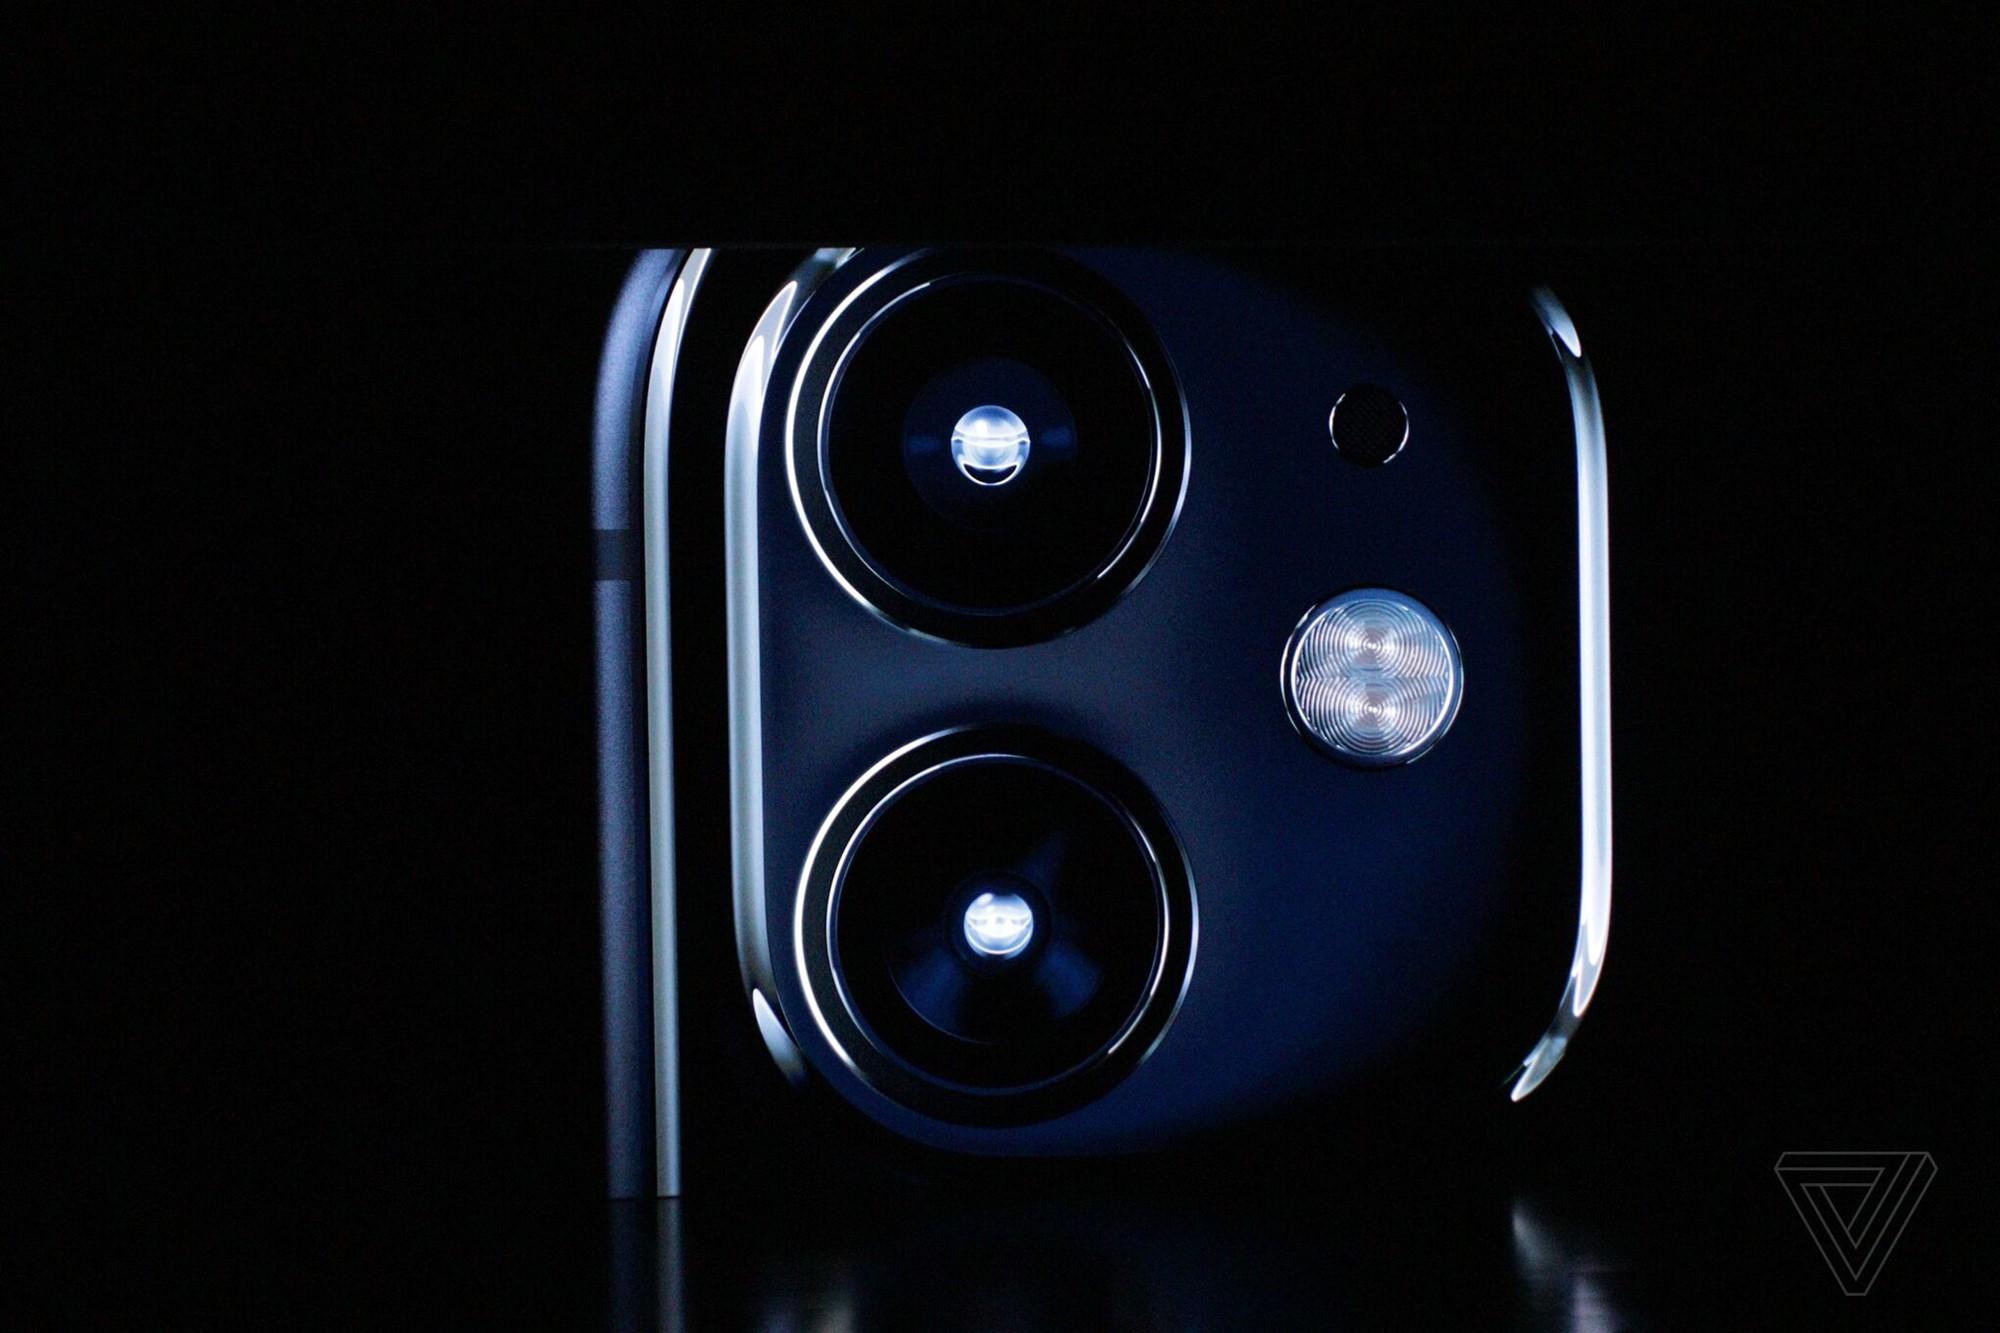 lcimg-0f0afb57-66ea-4705-be1c-303cfb350f84 Sự kiện công bố Apple iPhone 11 mới: Camera góc siêu rộng 120 độ, pin lớn hơn tới 5h so với iPhone XR, giá chỉ từ 699$